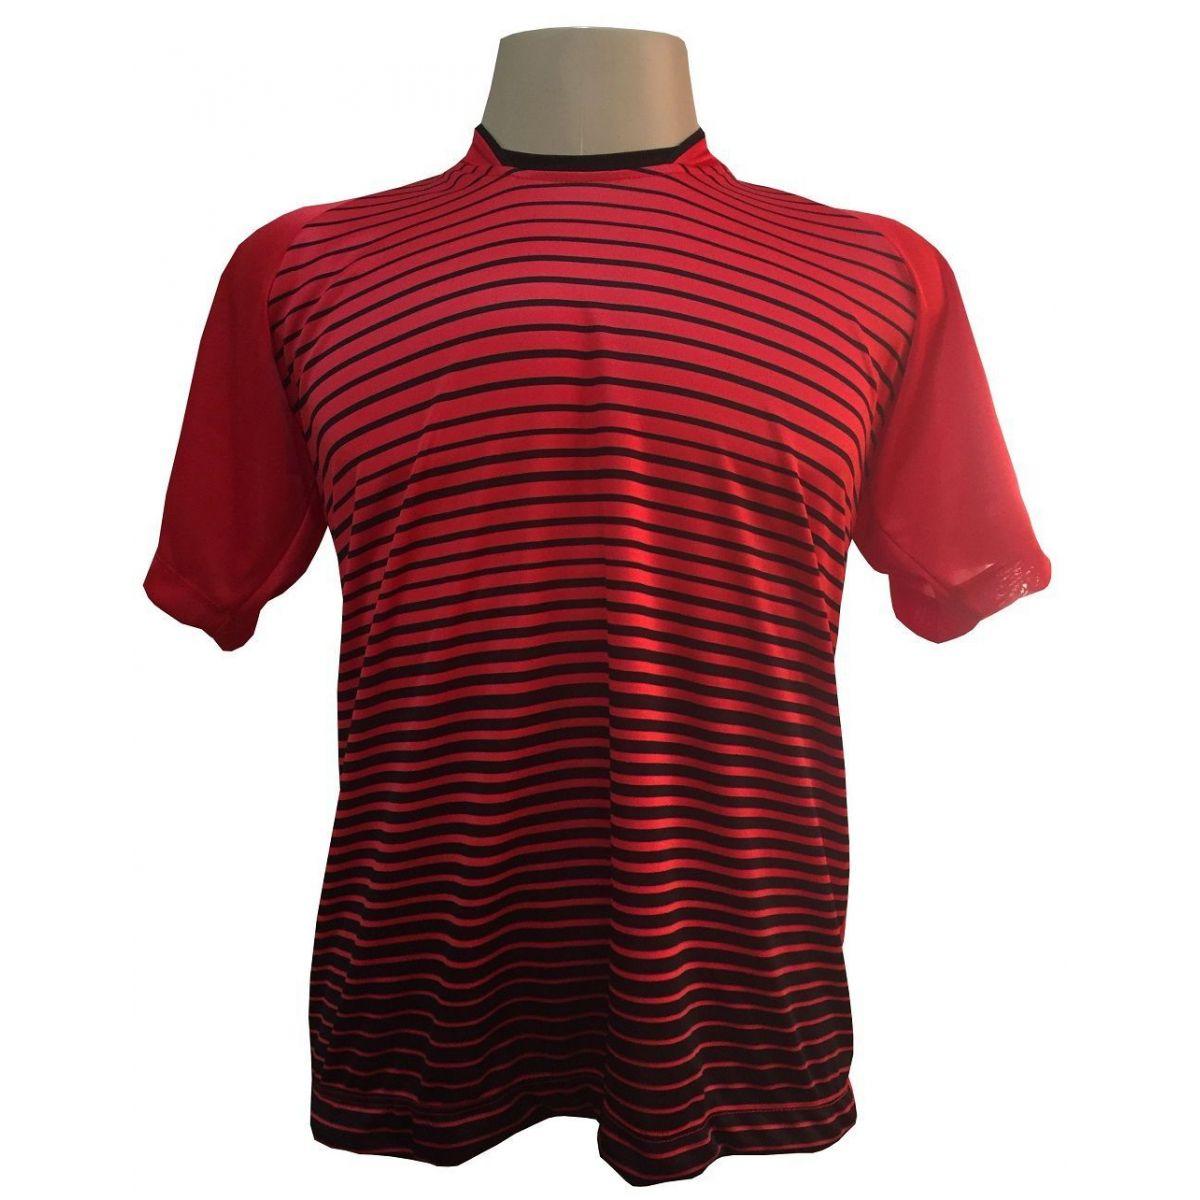 Uniforme Esportivo com 12 Camisas modelo City Vermelho/Preto + 12 Calções modelo Madrid Preto + 12 Pares de meiões Preto